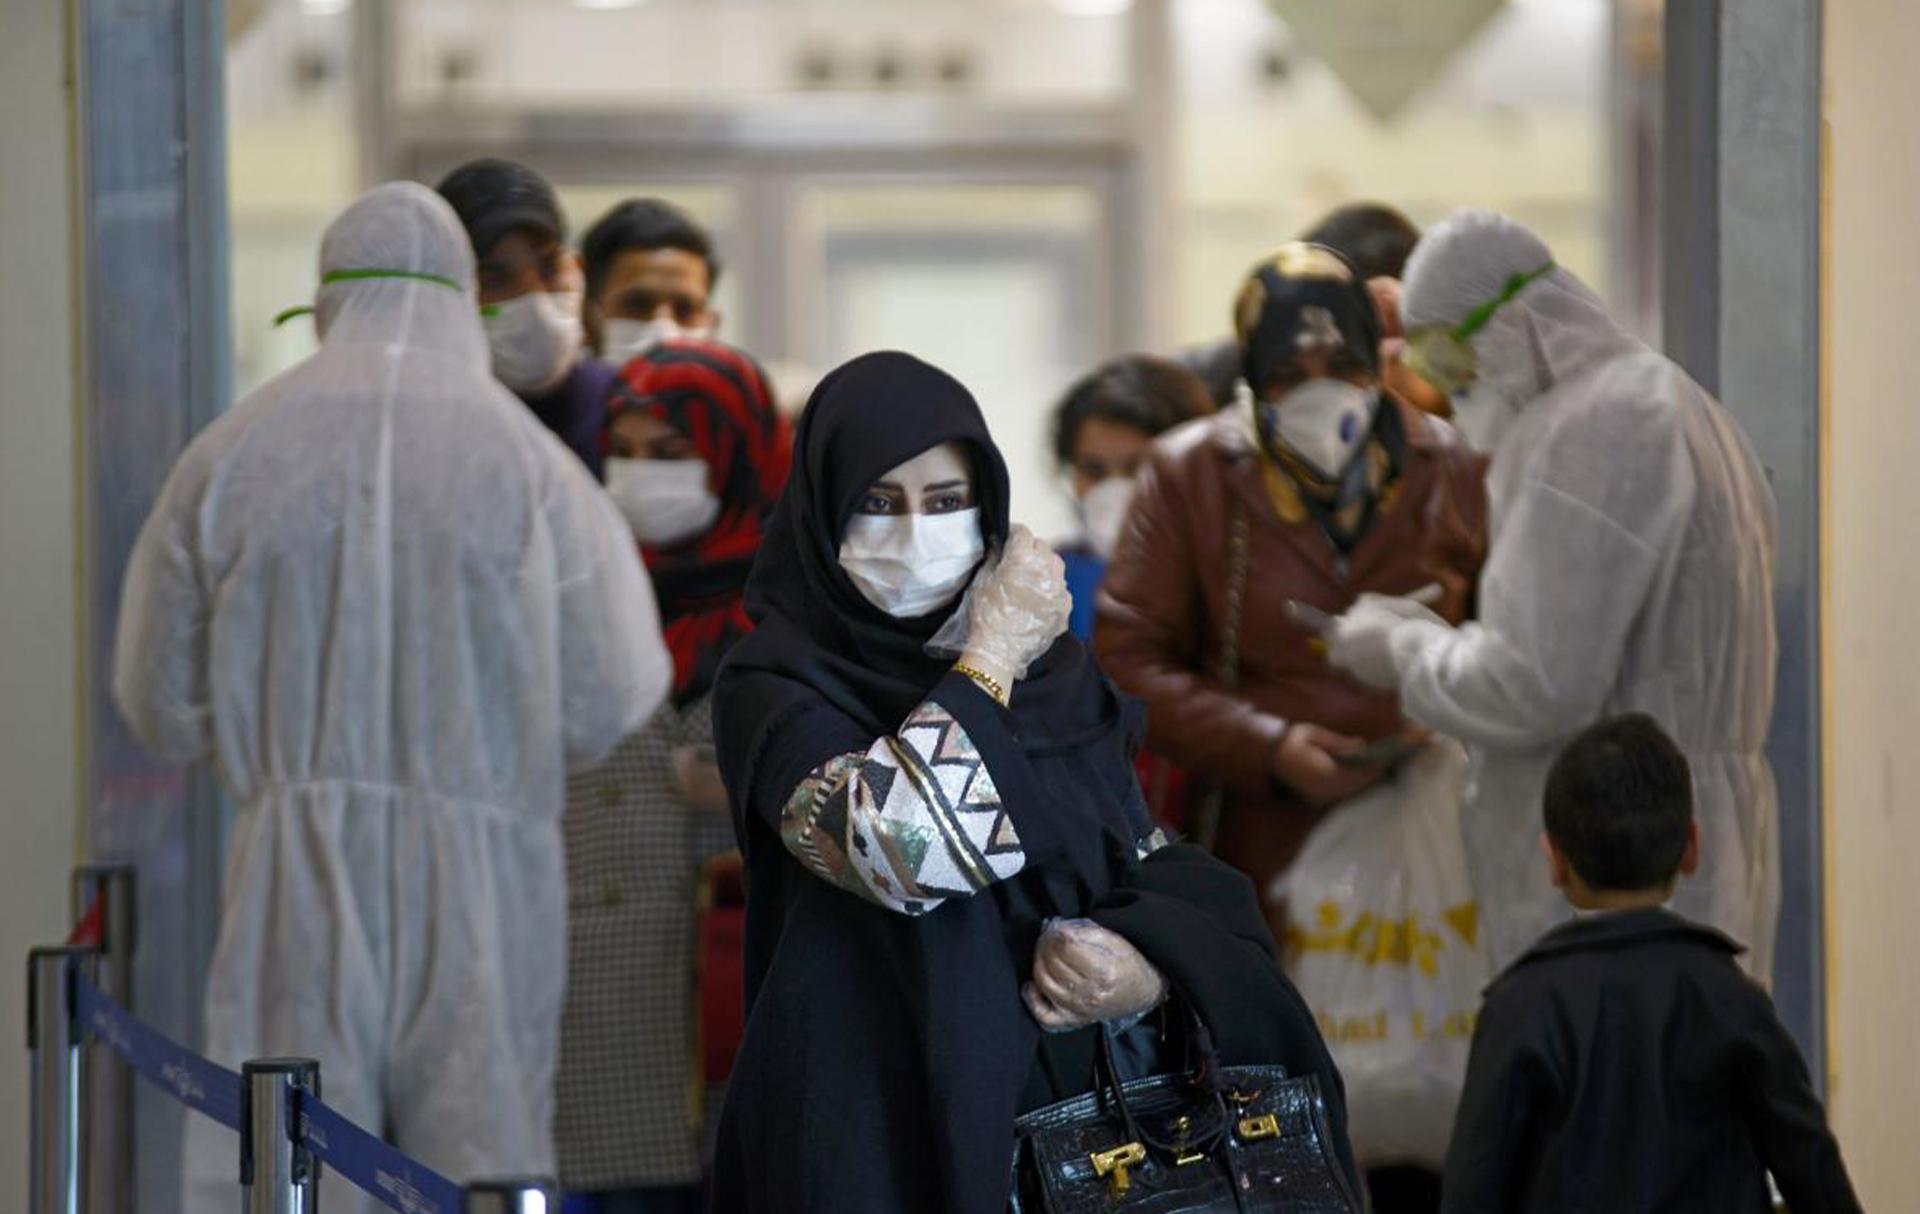 سهم شهر تهران از فوتی های کرونا / احتمال تمدید تعطیلی ها پایتخت